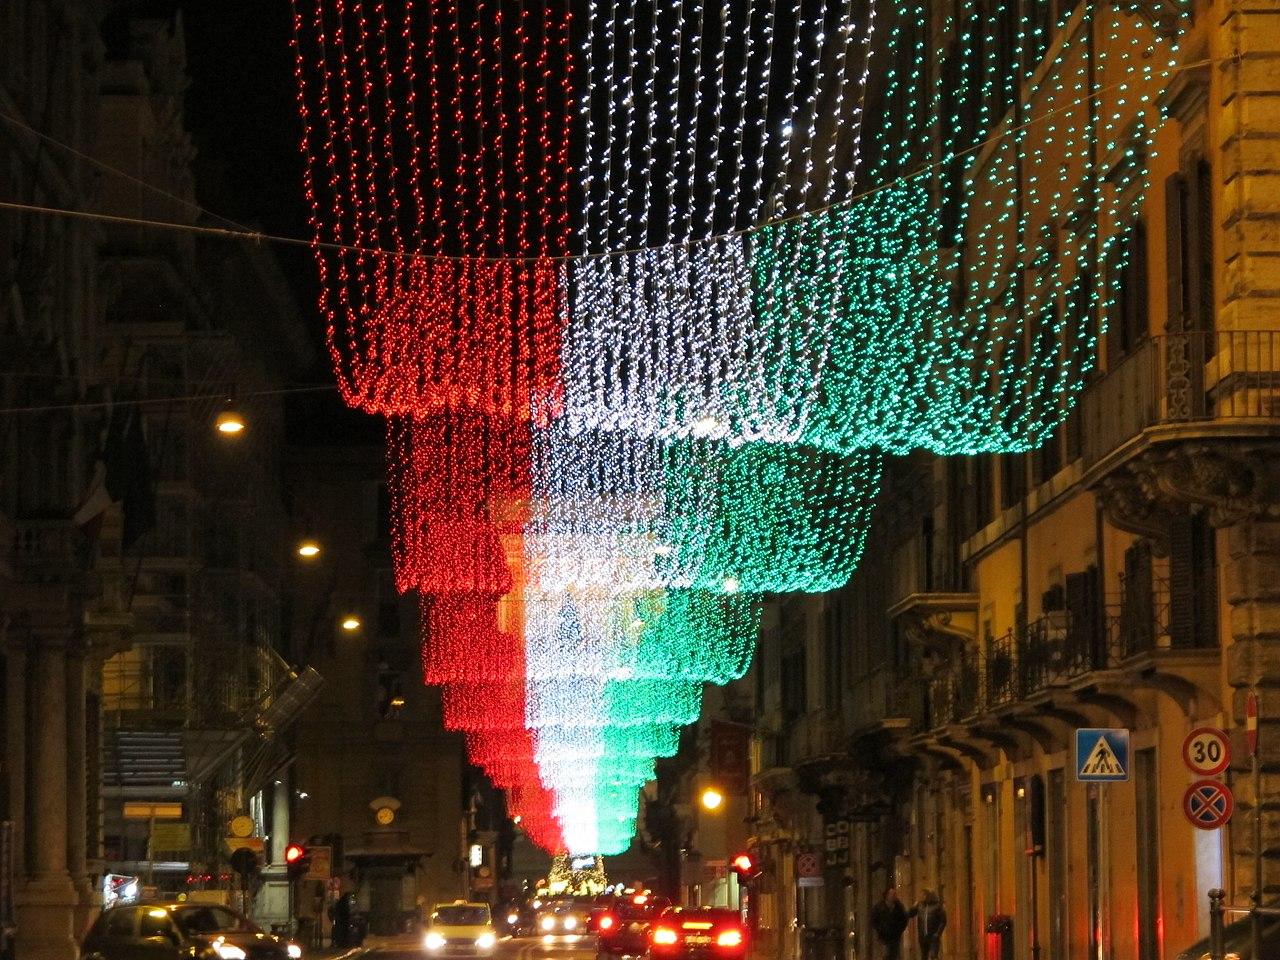 File:Illuminazione via del corso natale 2011, 03.JPG - Wikimedia Commons